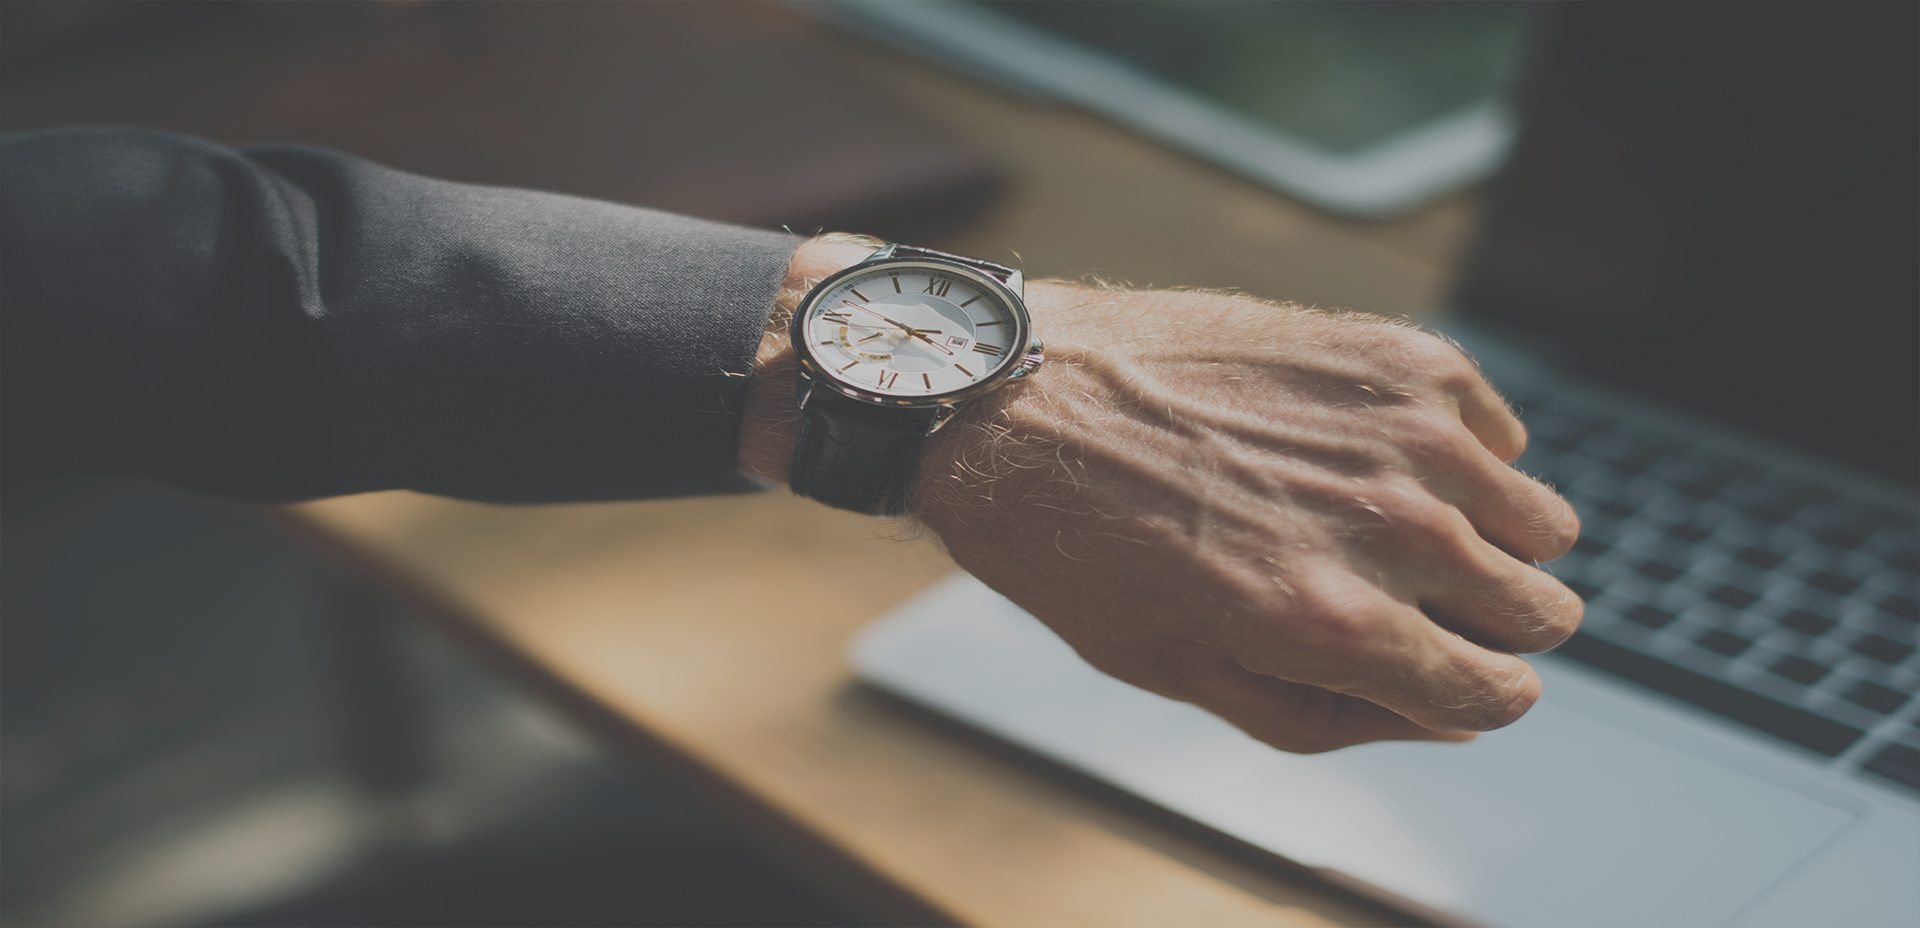 ¿Cuánto tiempo le dedica a su Empresa o Negocio?